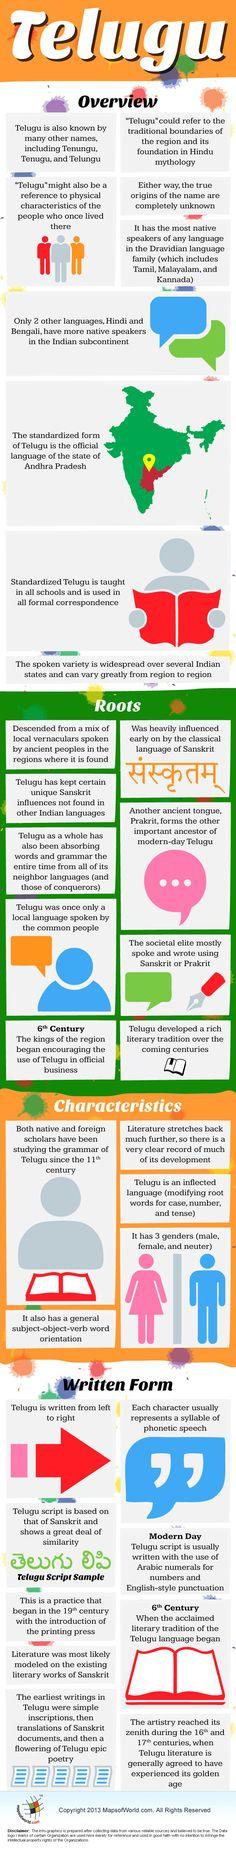 Infographic of Telugu Language